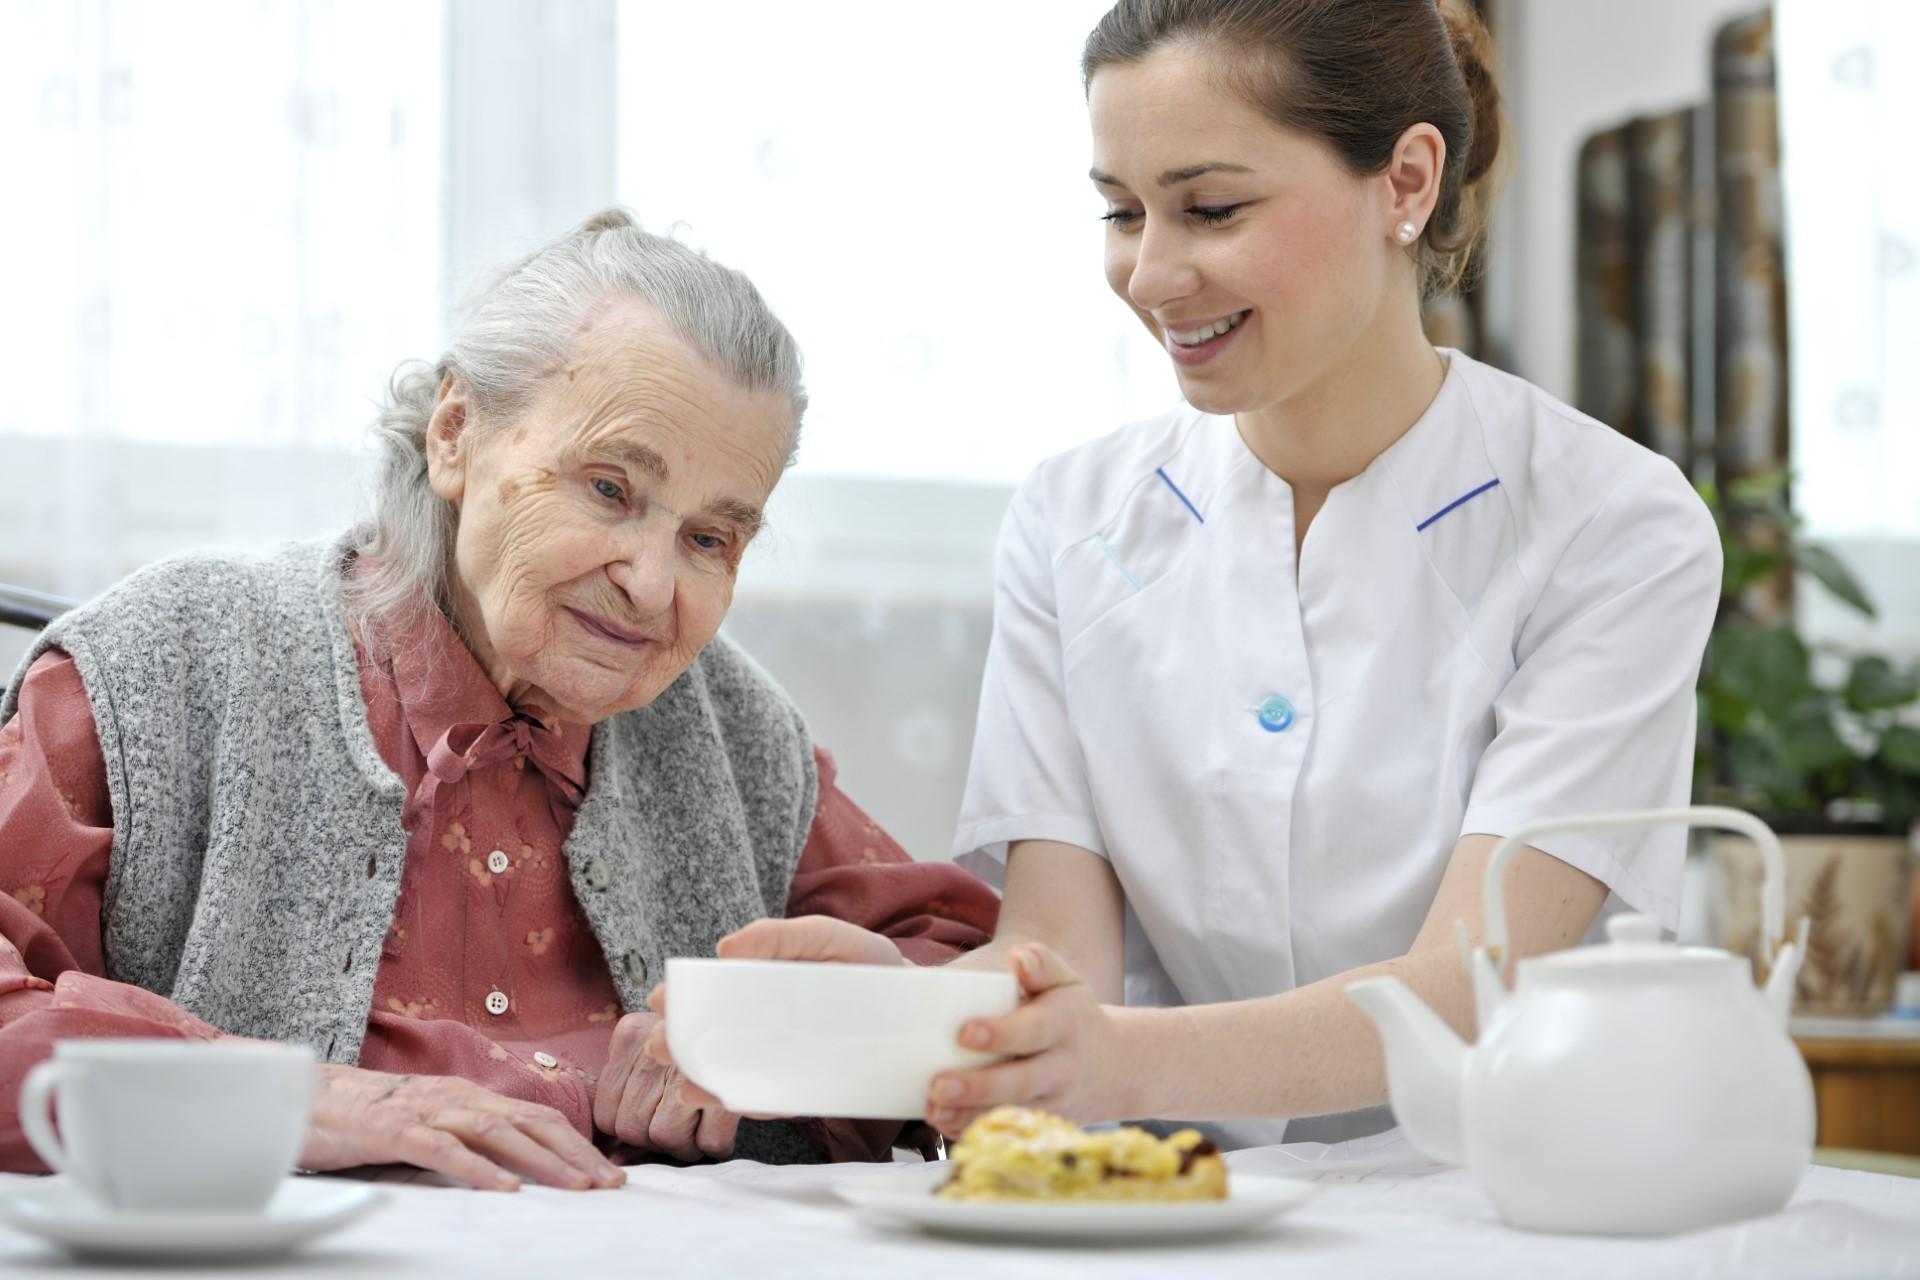 Care home staff